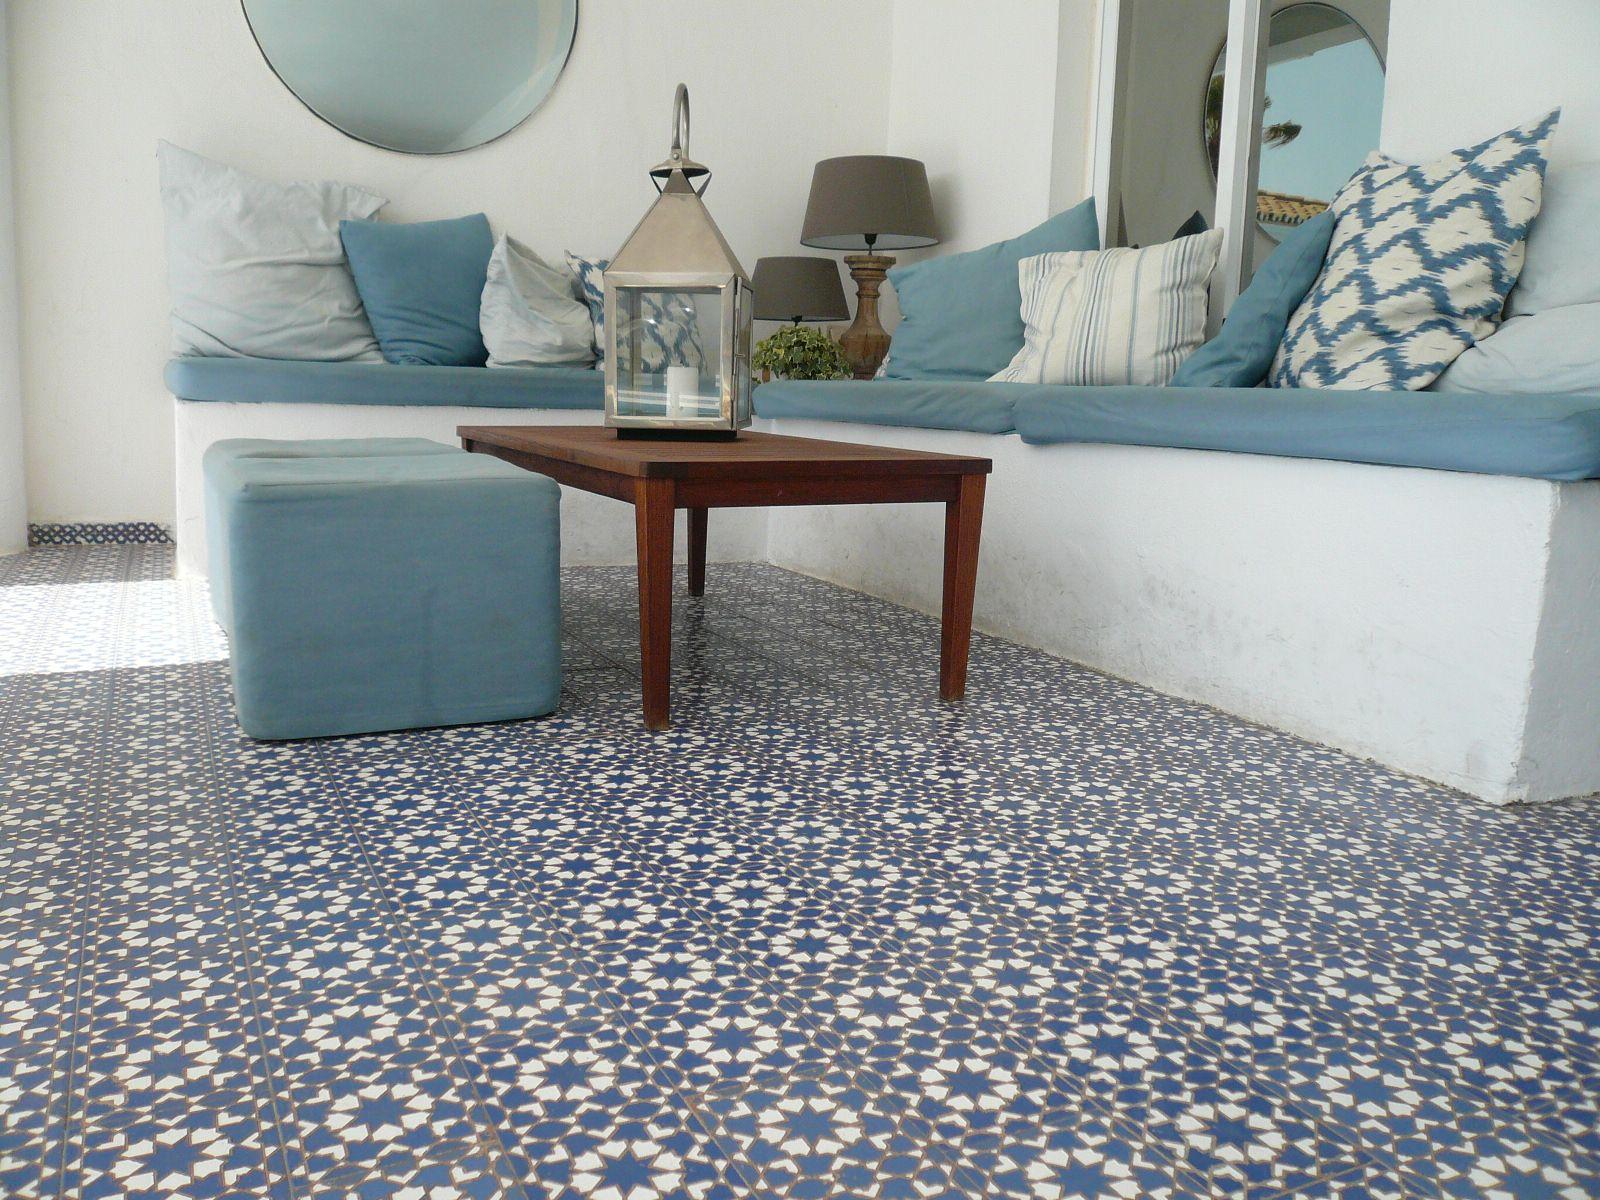 Spaanse tuin ideeen garden i love pinterest tuin tile and colors - Tuin ideeen ...